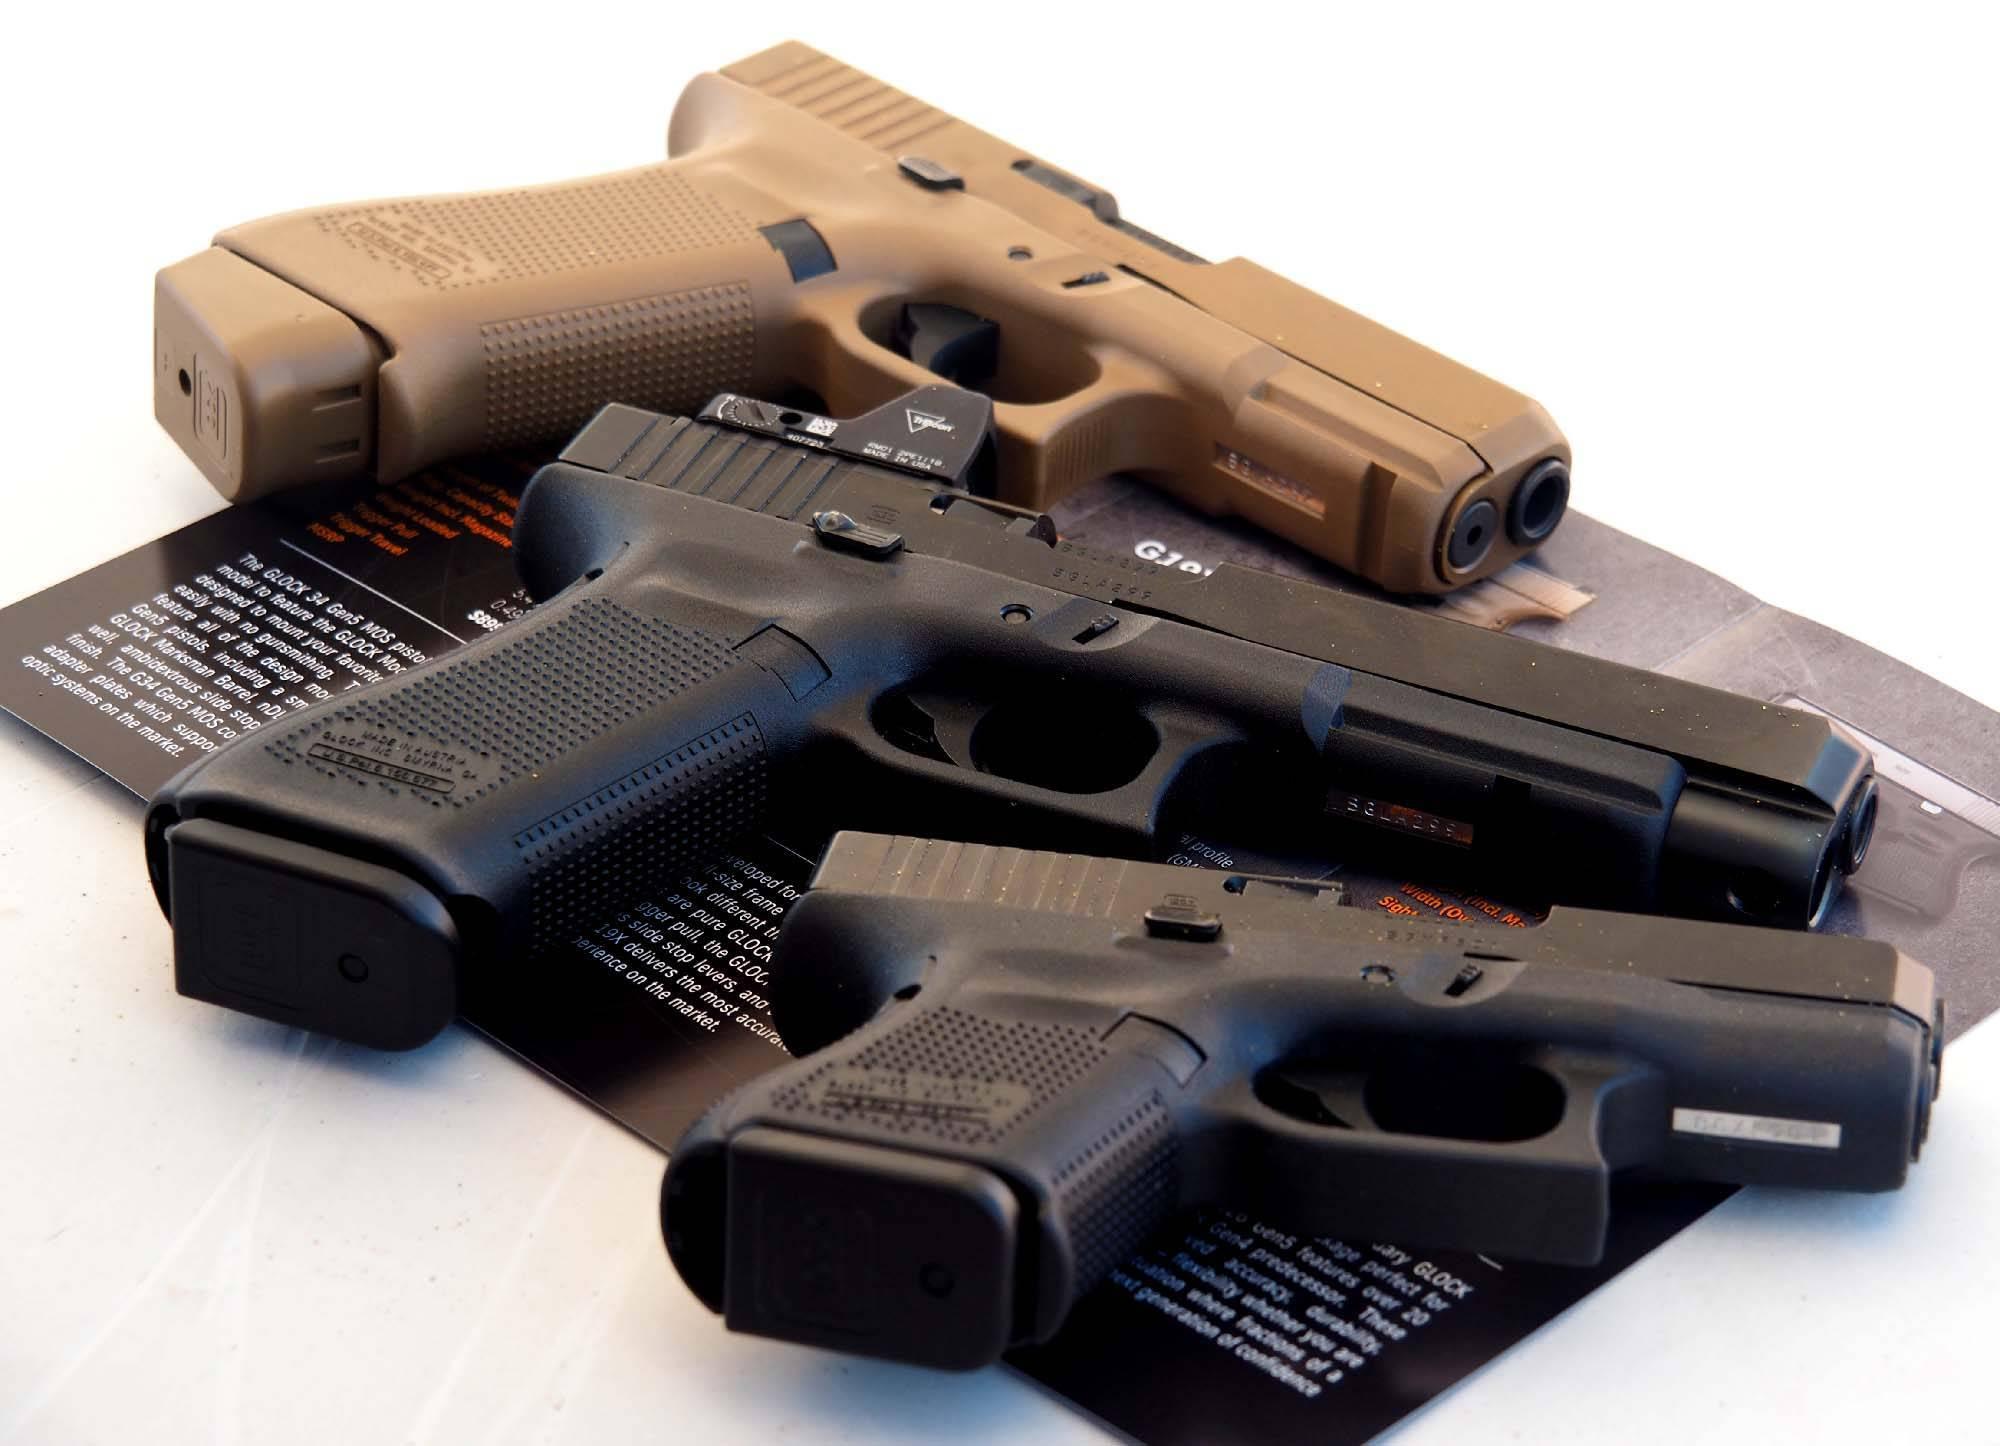 Пистолеты Glock 26 Gen5 и Glock 34 Gen5 MOS (пятое поколение)